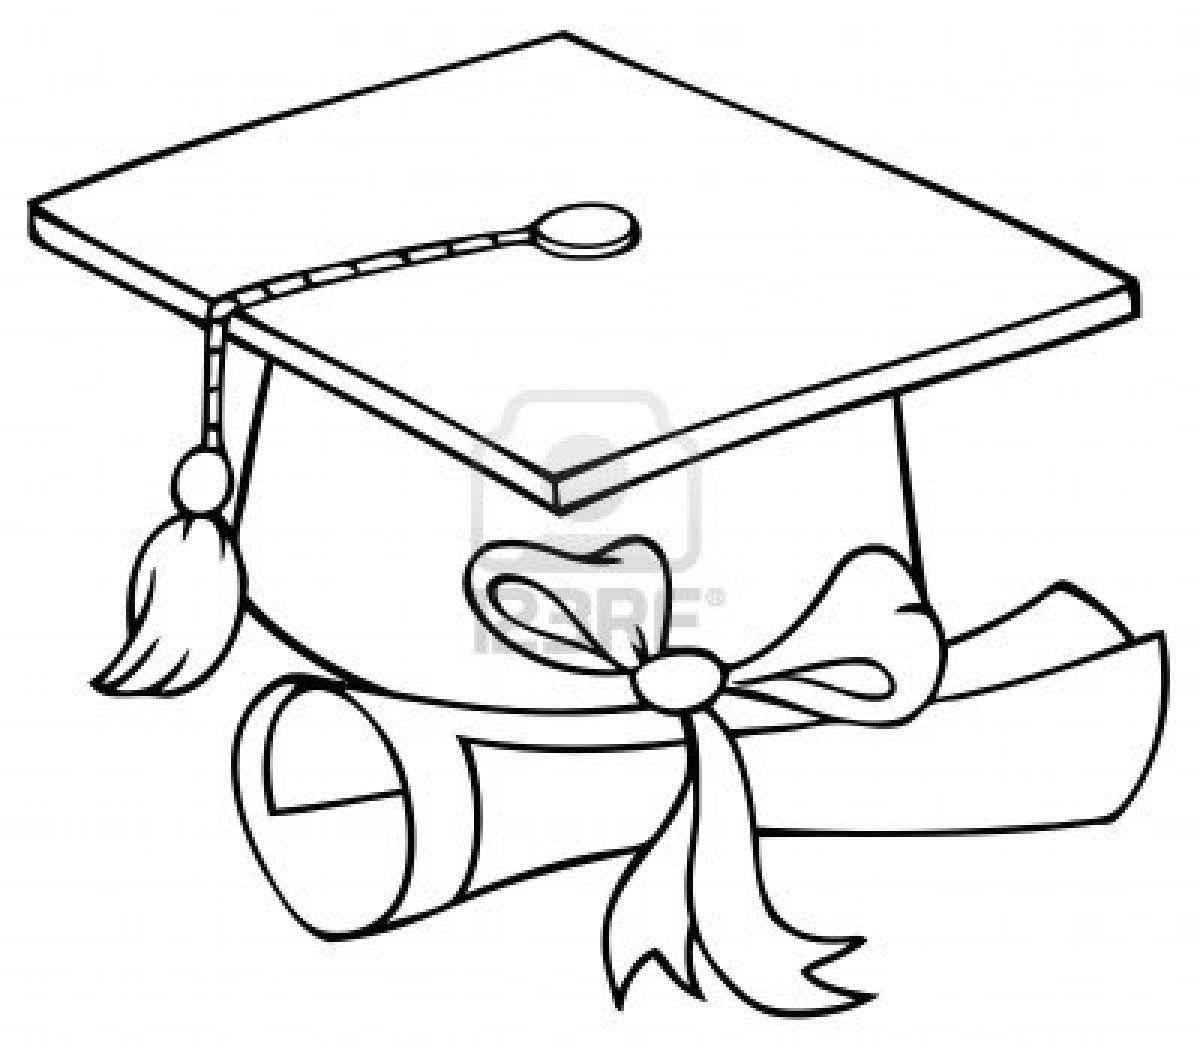 Graduation Cap Coloring Page | Graduation Cap Coloring Page - Graduation Cap Template Free Printable